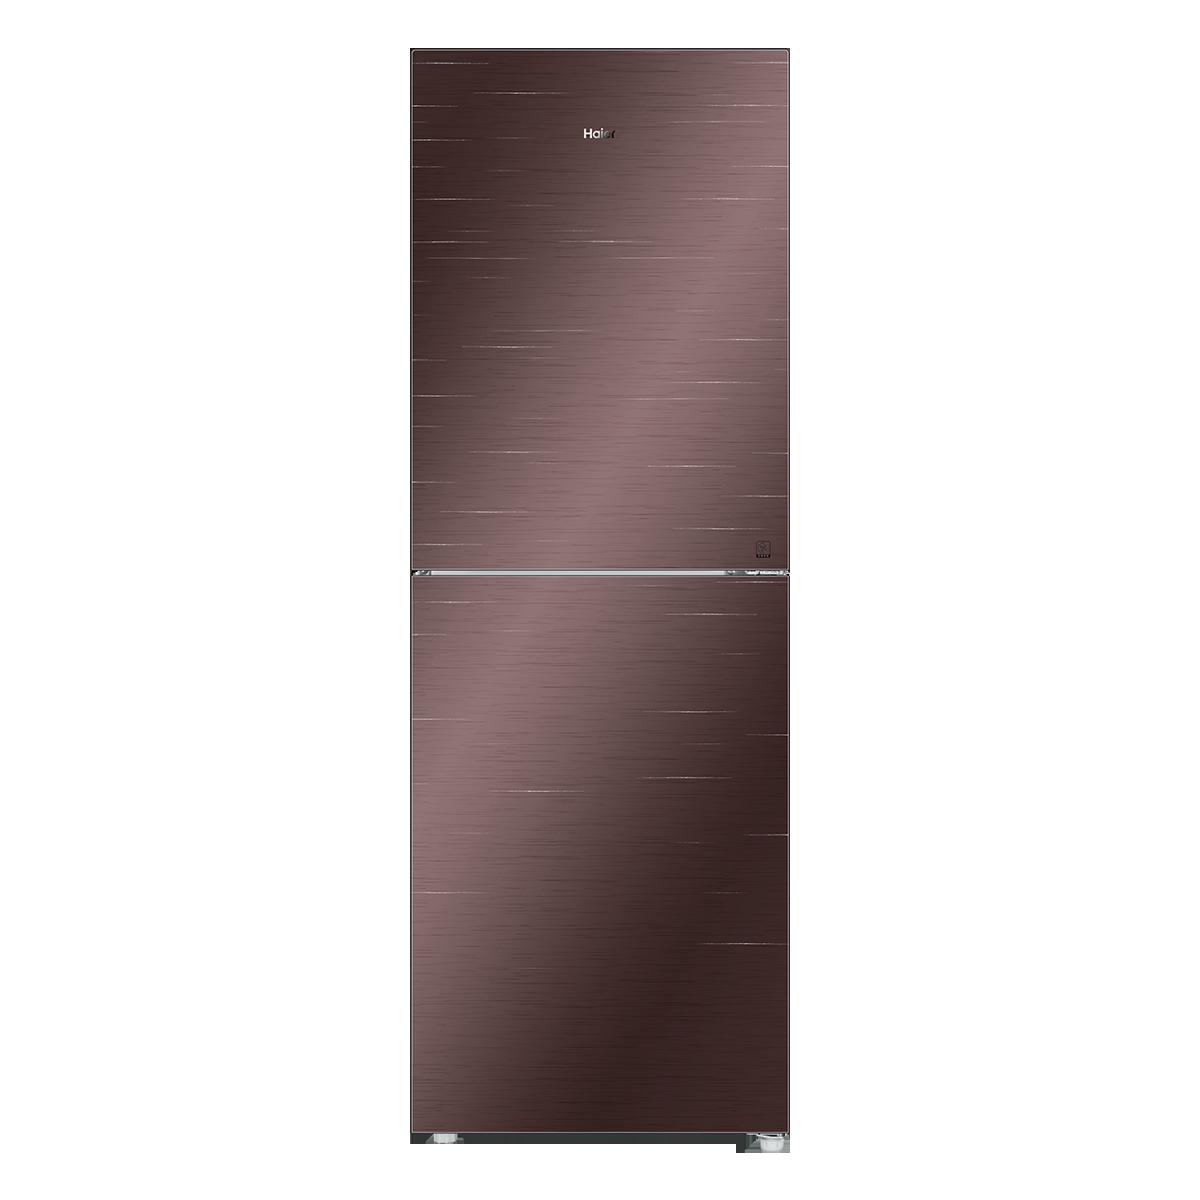 海尔Haier冰箱 BCD-318WMGR 说明书